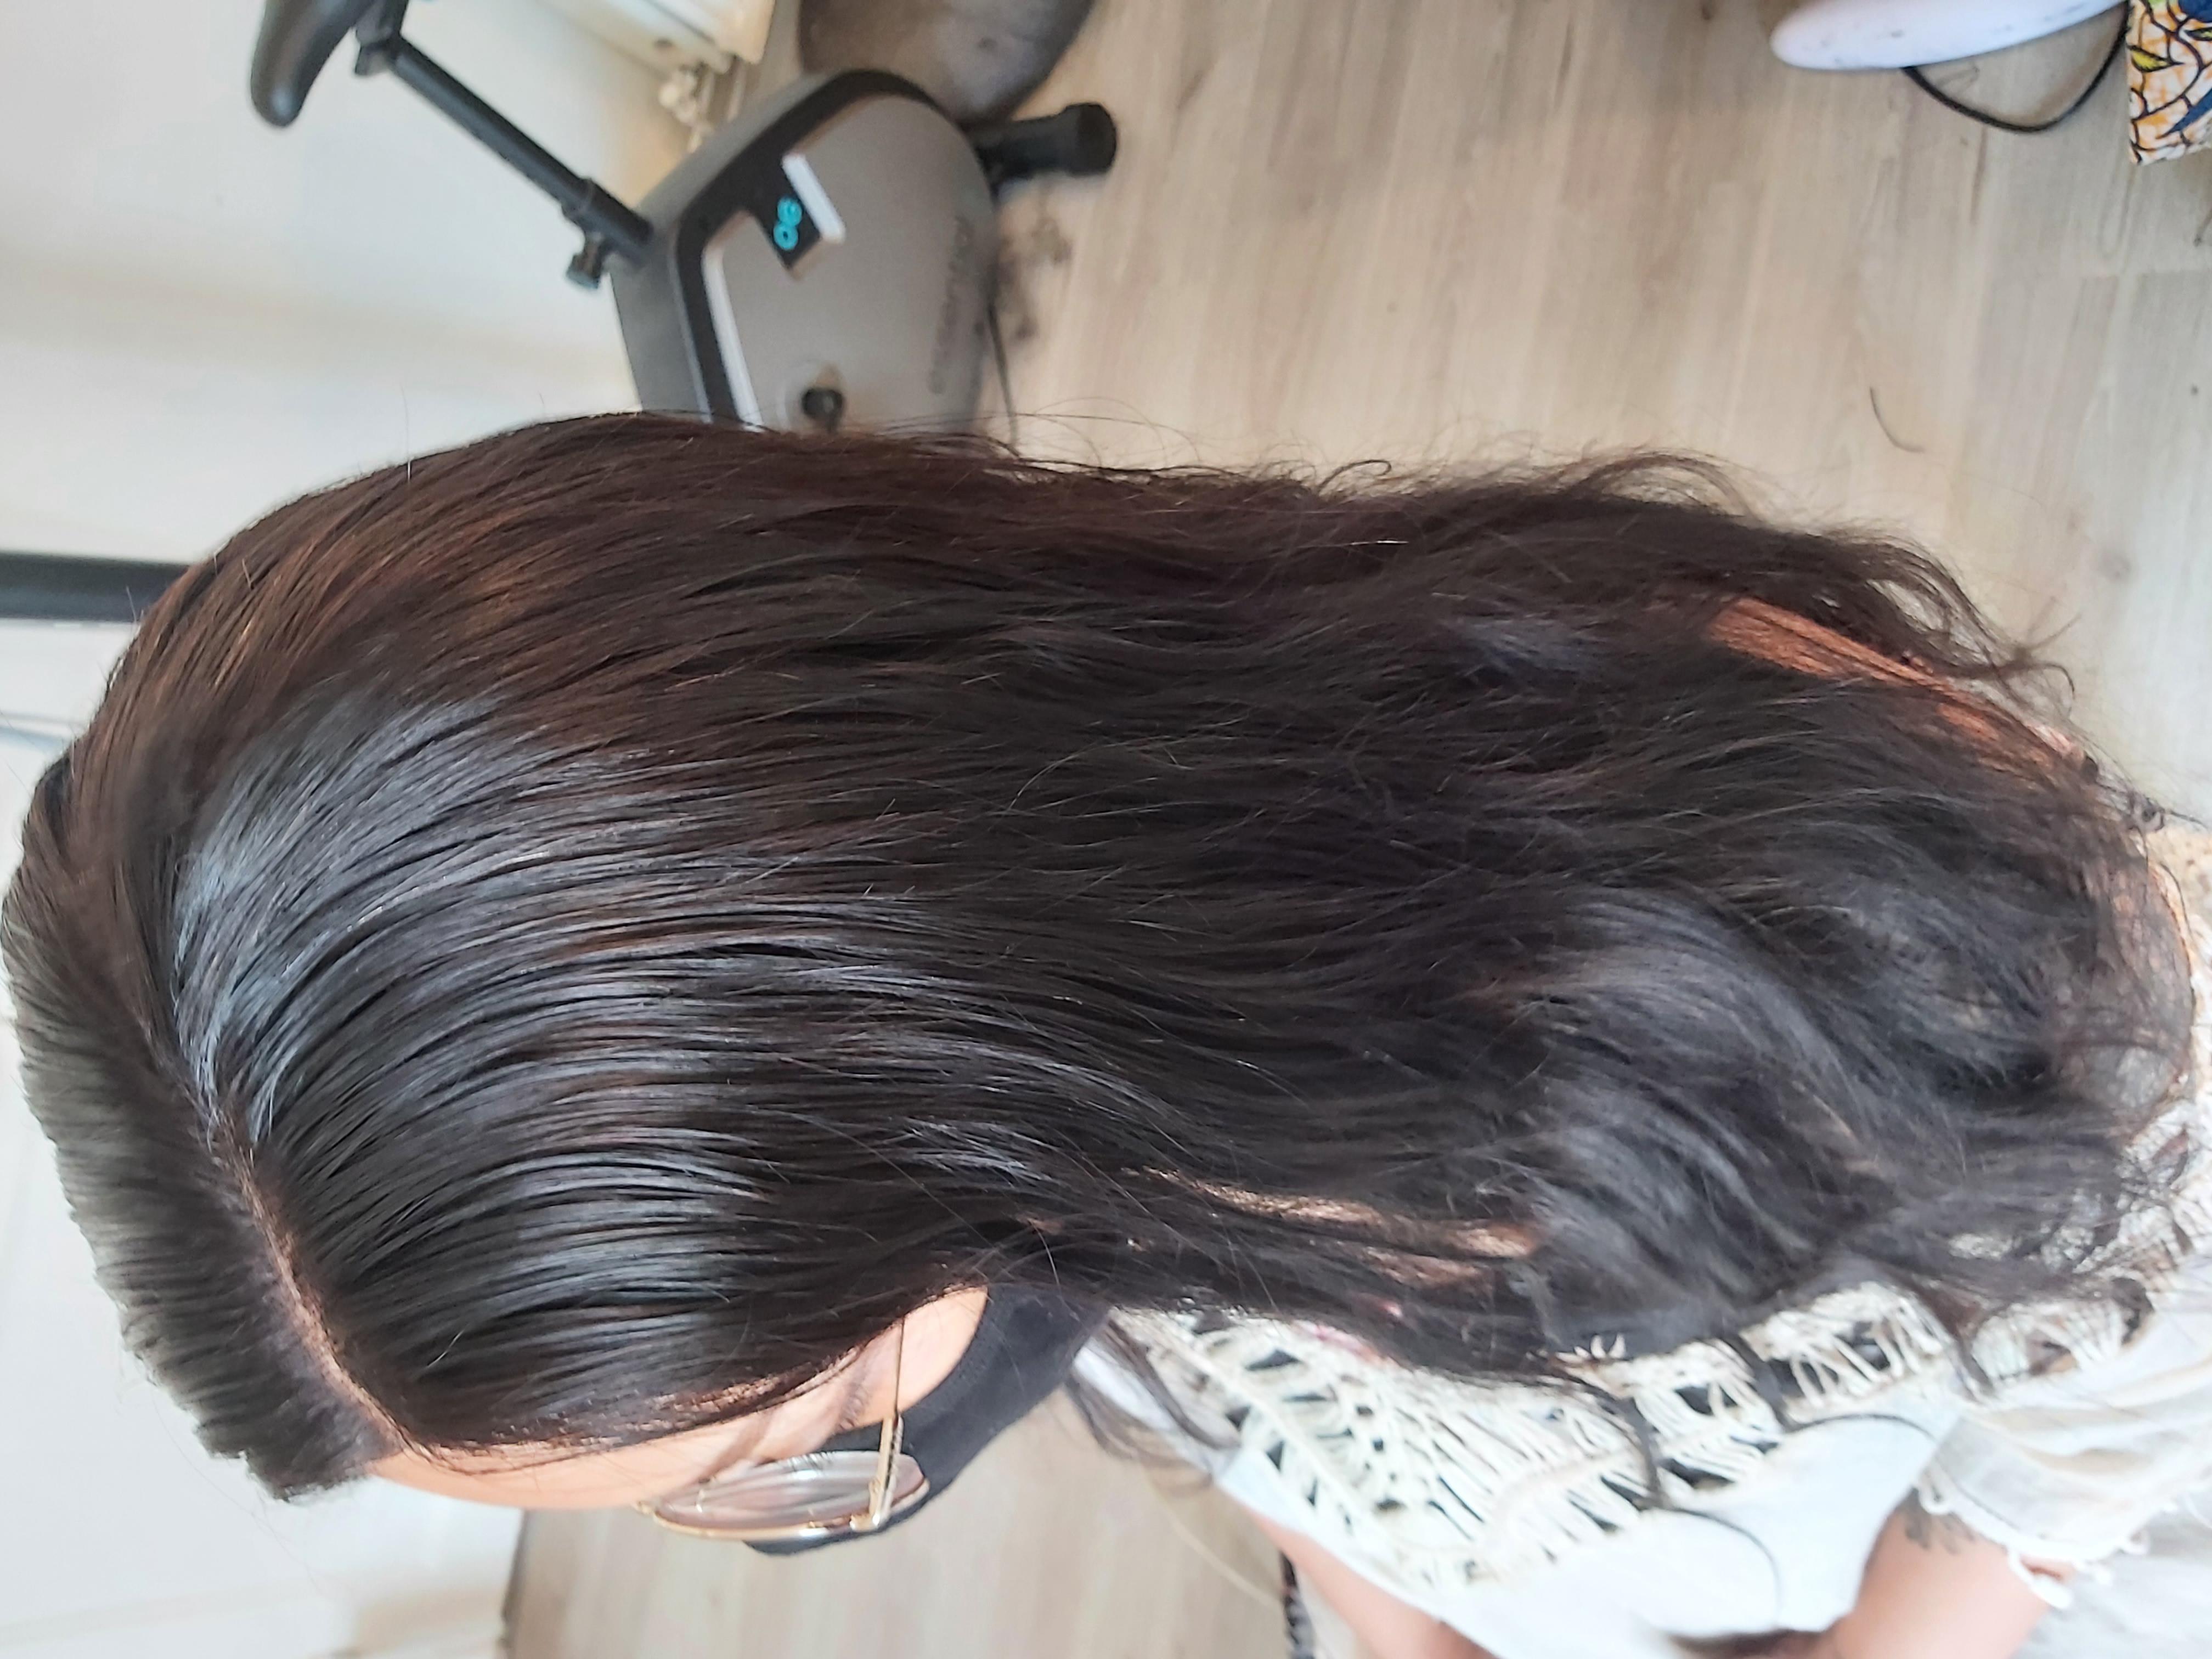 salon de coiffure afro tresse tresses box braids crochet braids vanilles tissages paris 75 77 78 91 92 93 94 95 HXXTOBHD